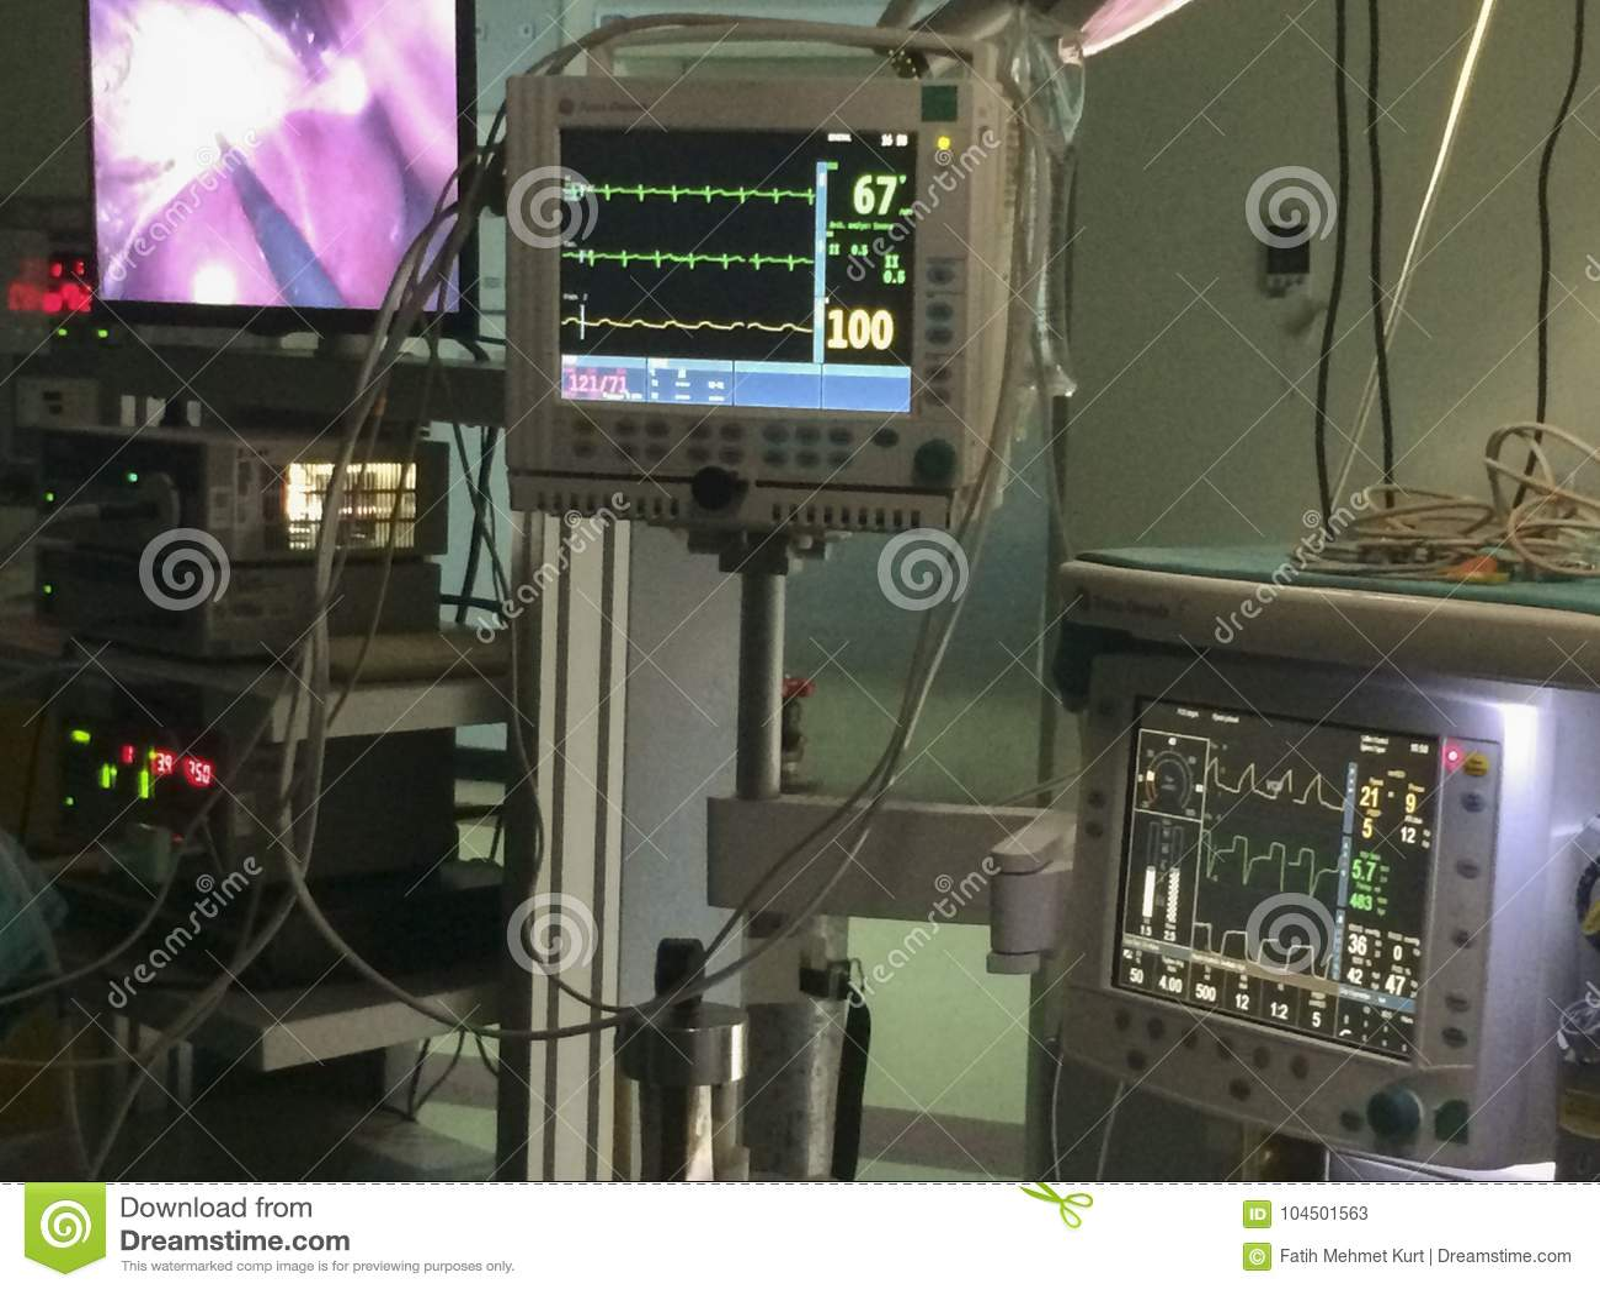 Ekg-Monitor und Anästhesiemaschine am Operationsraum